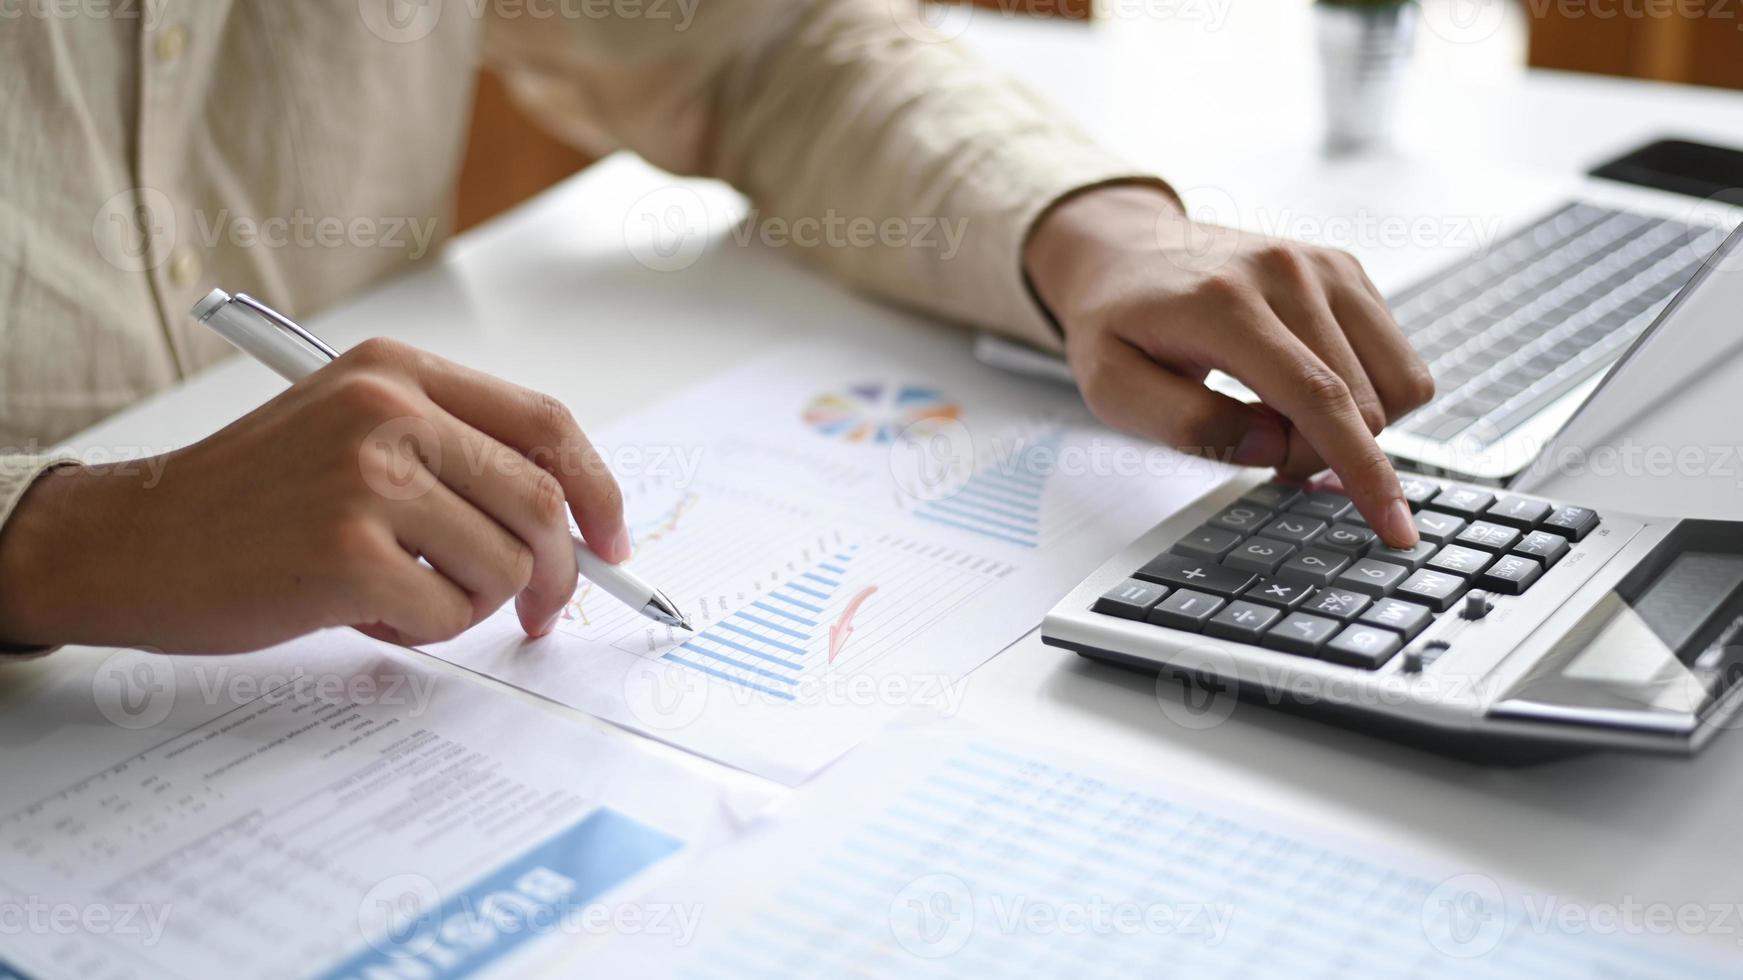 närbild av handen som pekar pennan mot grafdata och använder räknaren. foto